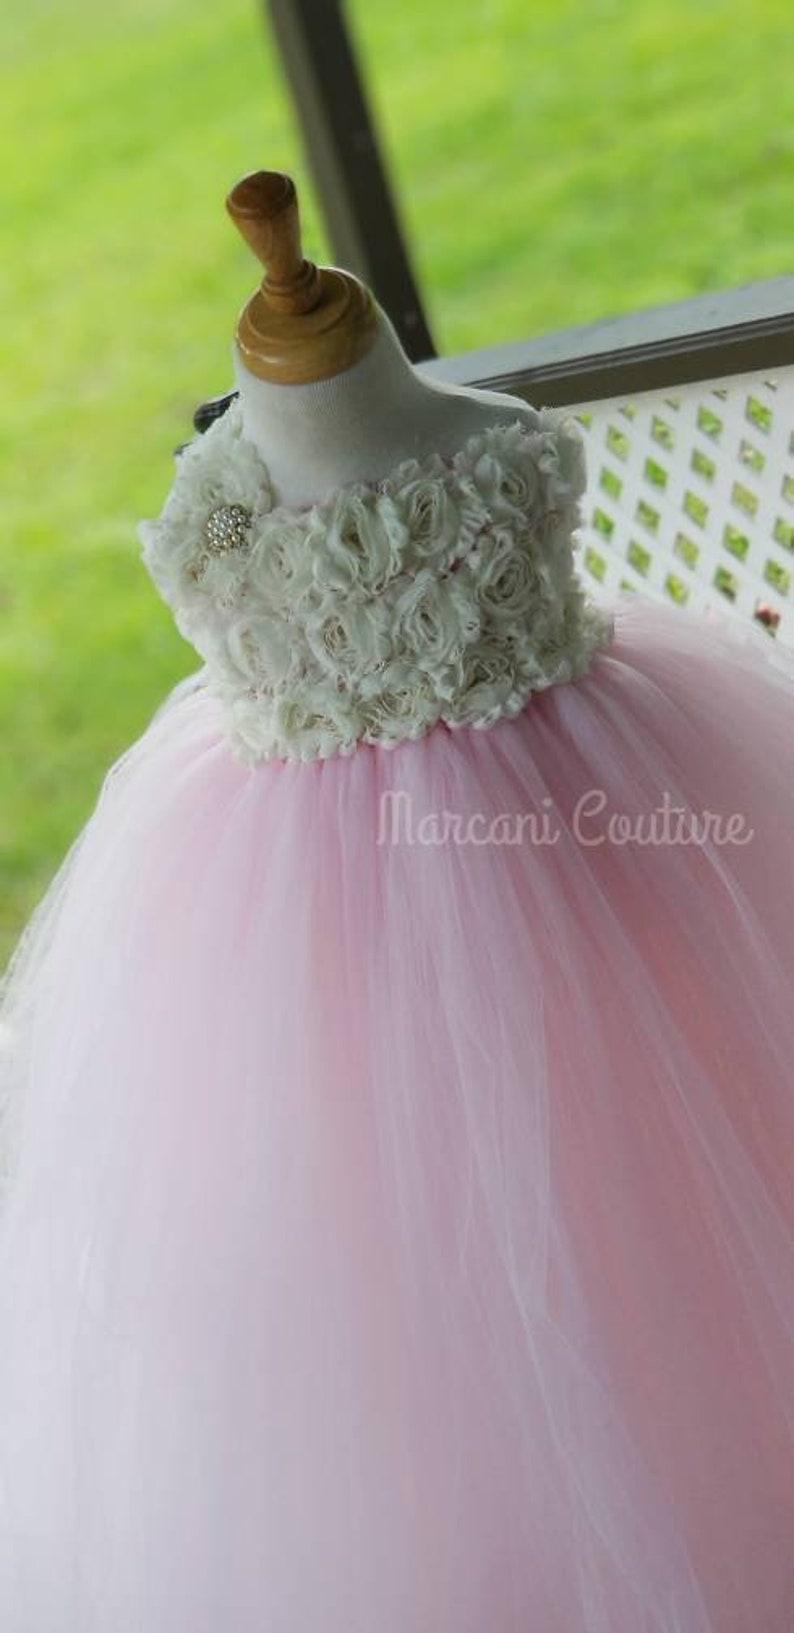 Flower Girl Dress,Tutu Flower Girl Dress,Vintage Tutu Dress,Vintage Flower Girl Dress,Tulle,Tutu Dress Ivory Blush Flower Girl Dress